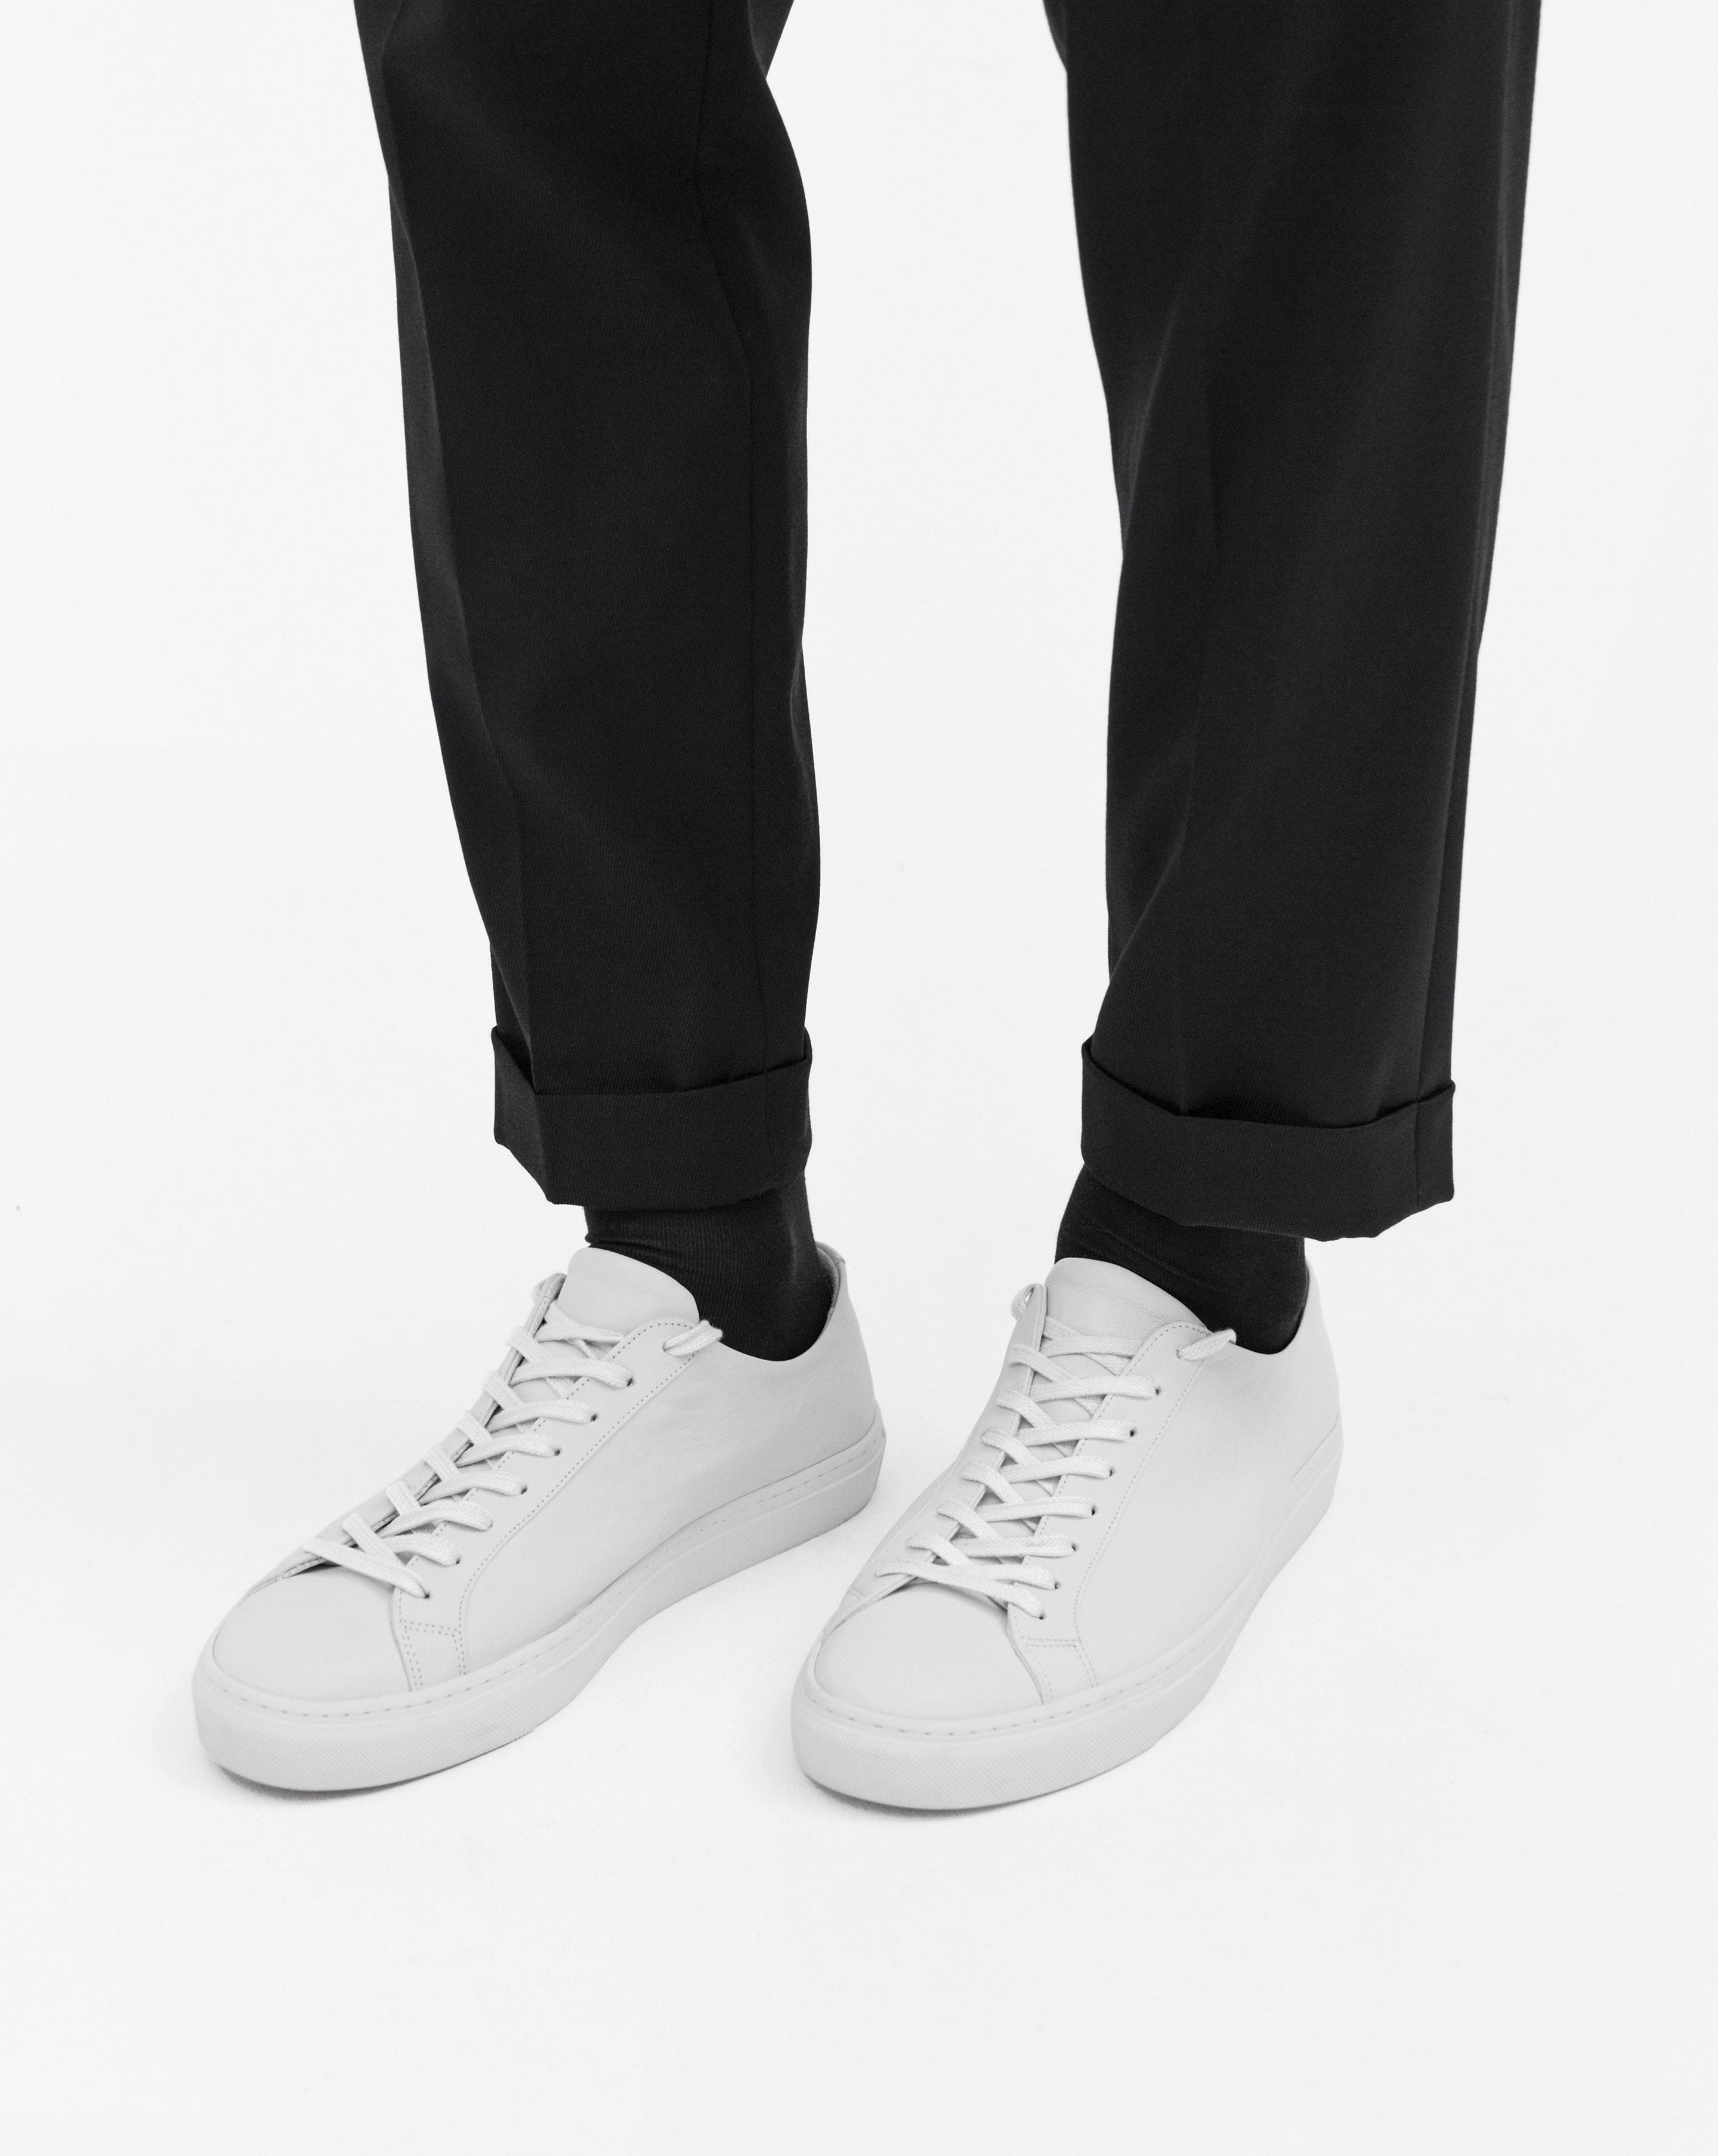 Lyst - Filippa K Morgan Low Sneaker White in White for Men aedfcd628